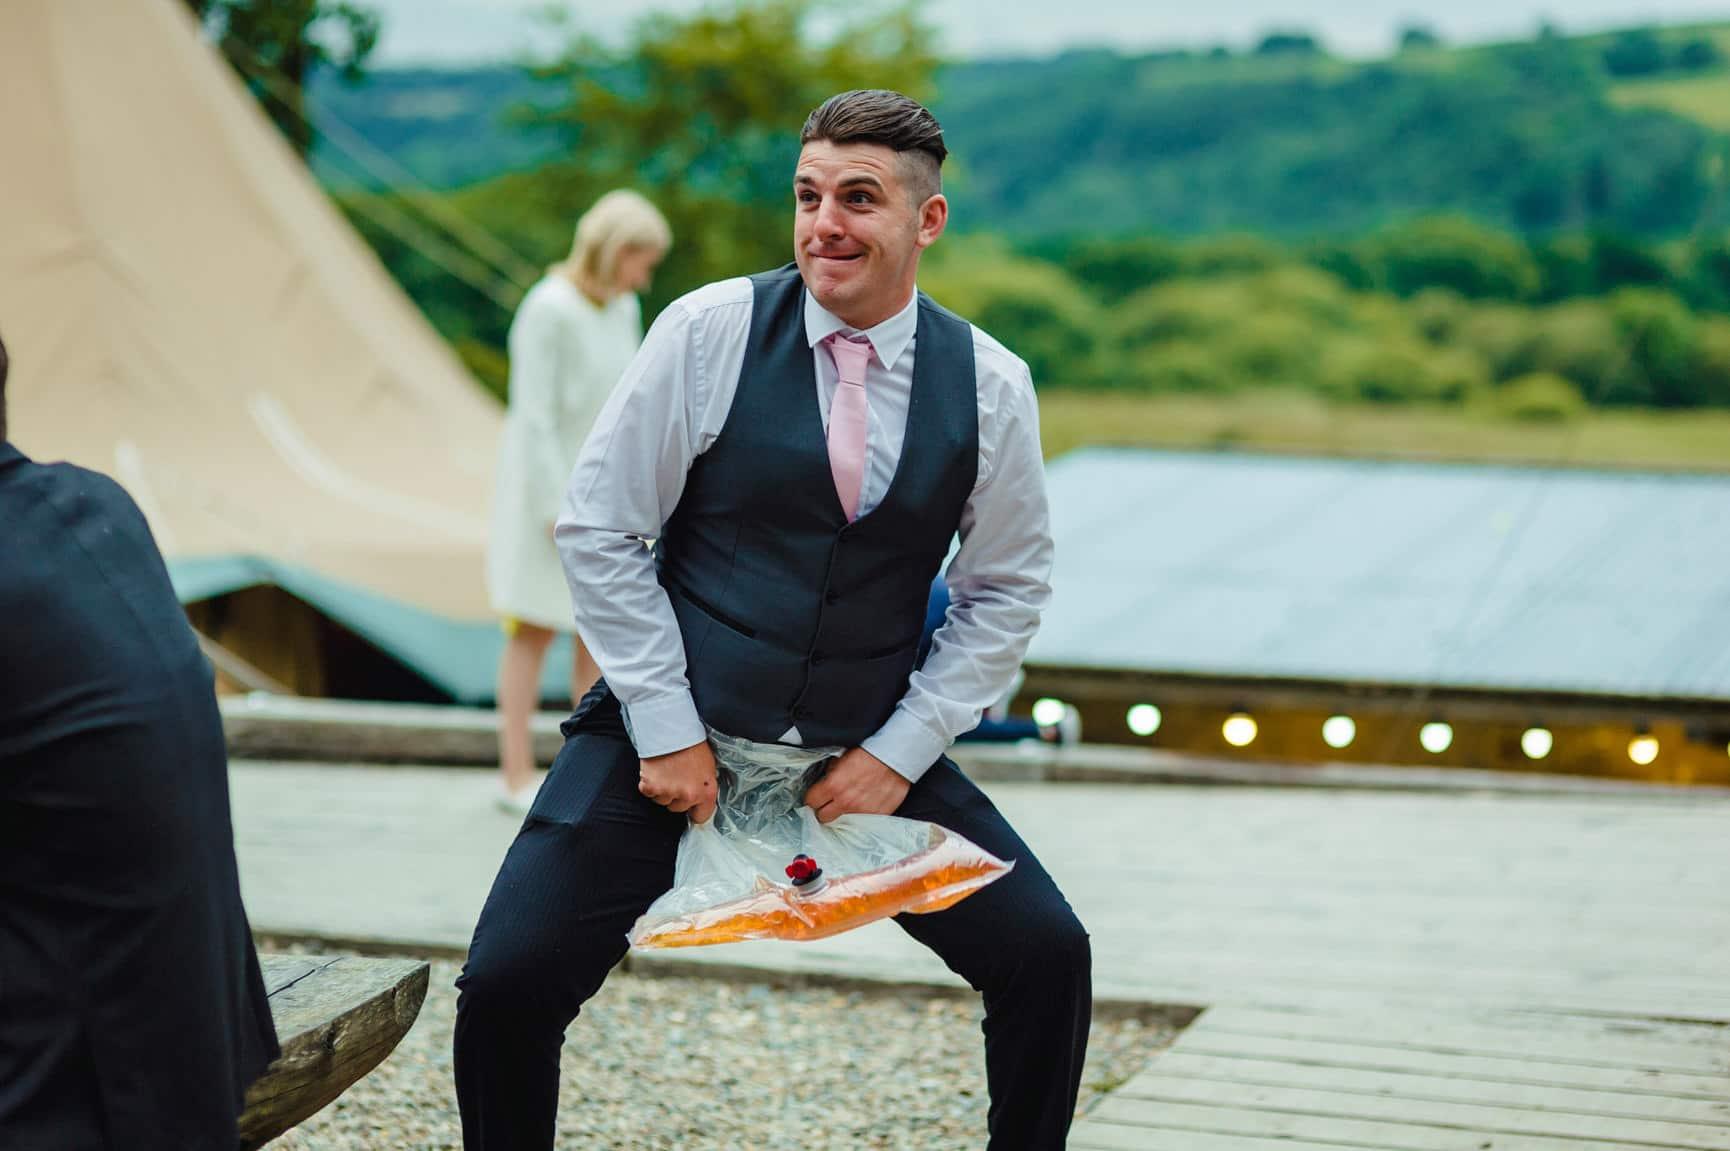 Fforest Wedding, Cardigan, Wales - Lauren and Gareth 188